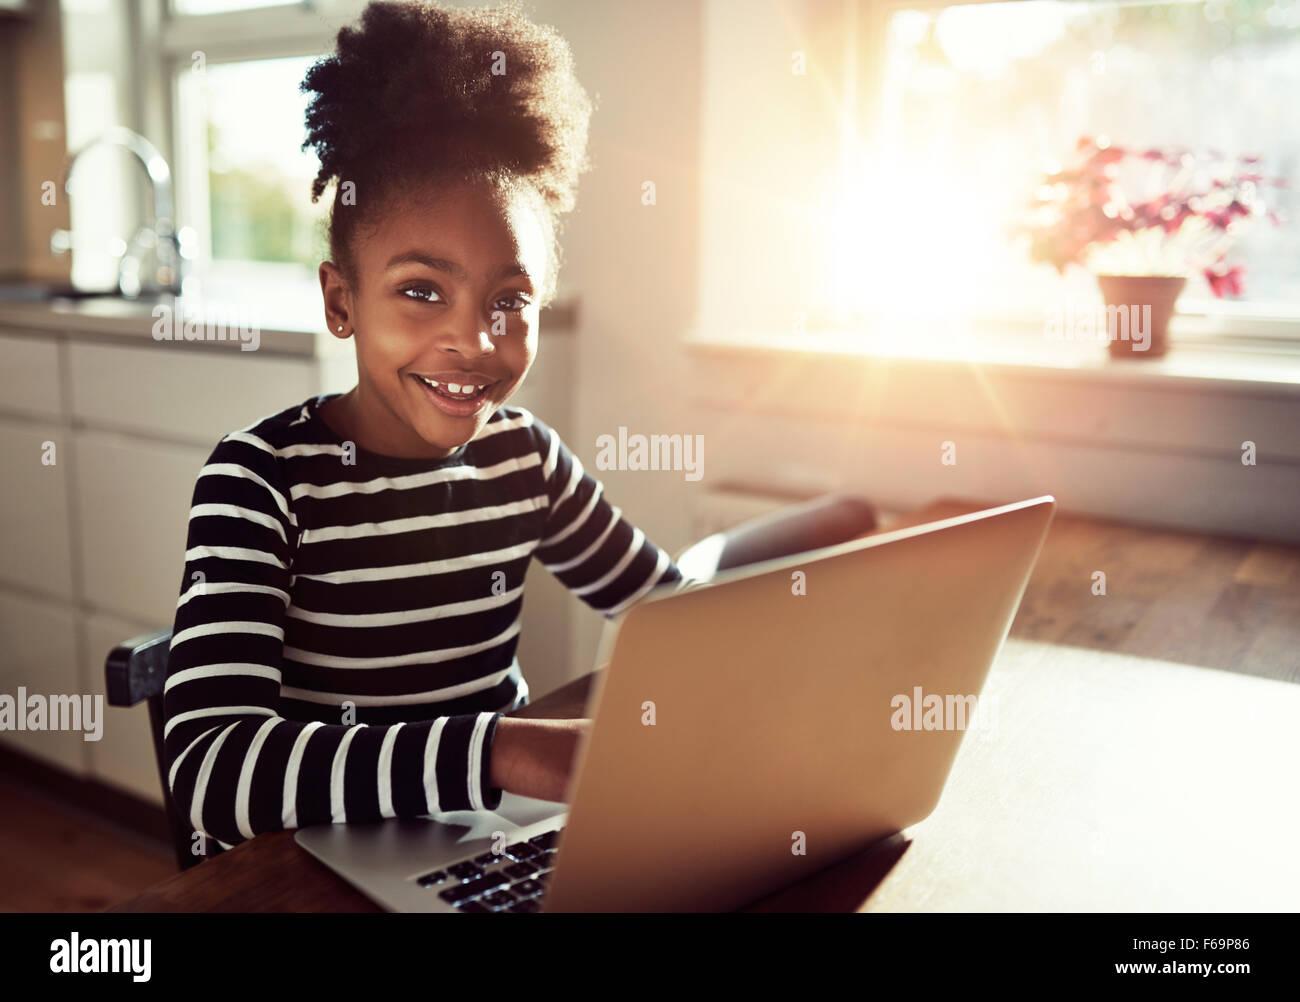 Muy sonriente y amable joven africano negro chica con un lindo peinado afro nudo superior sentado en un ordenador Imagen De Stock